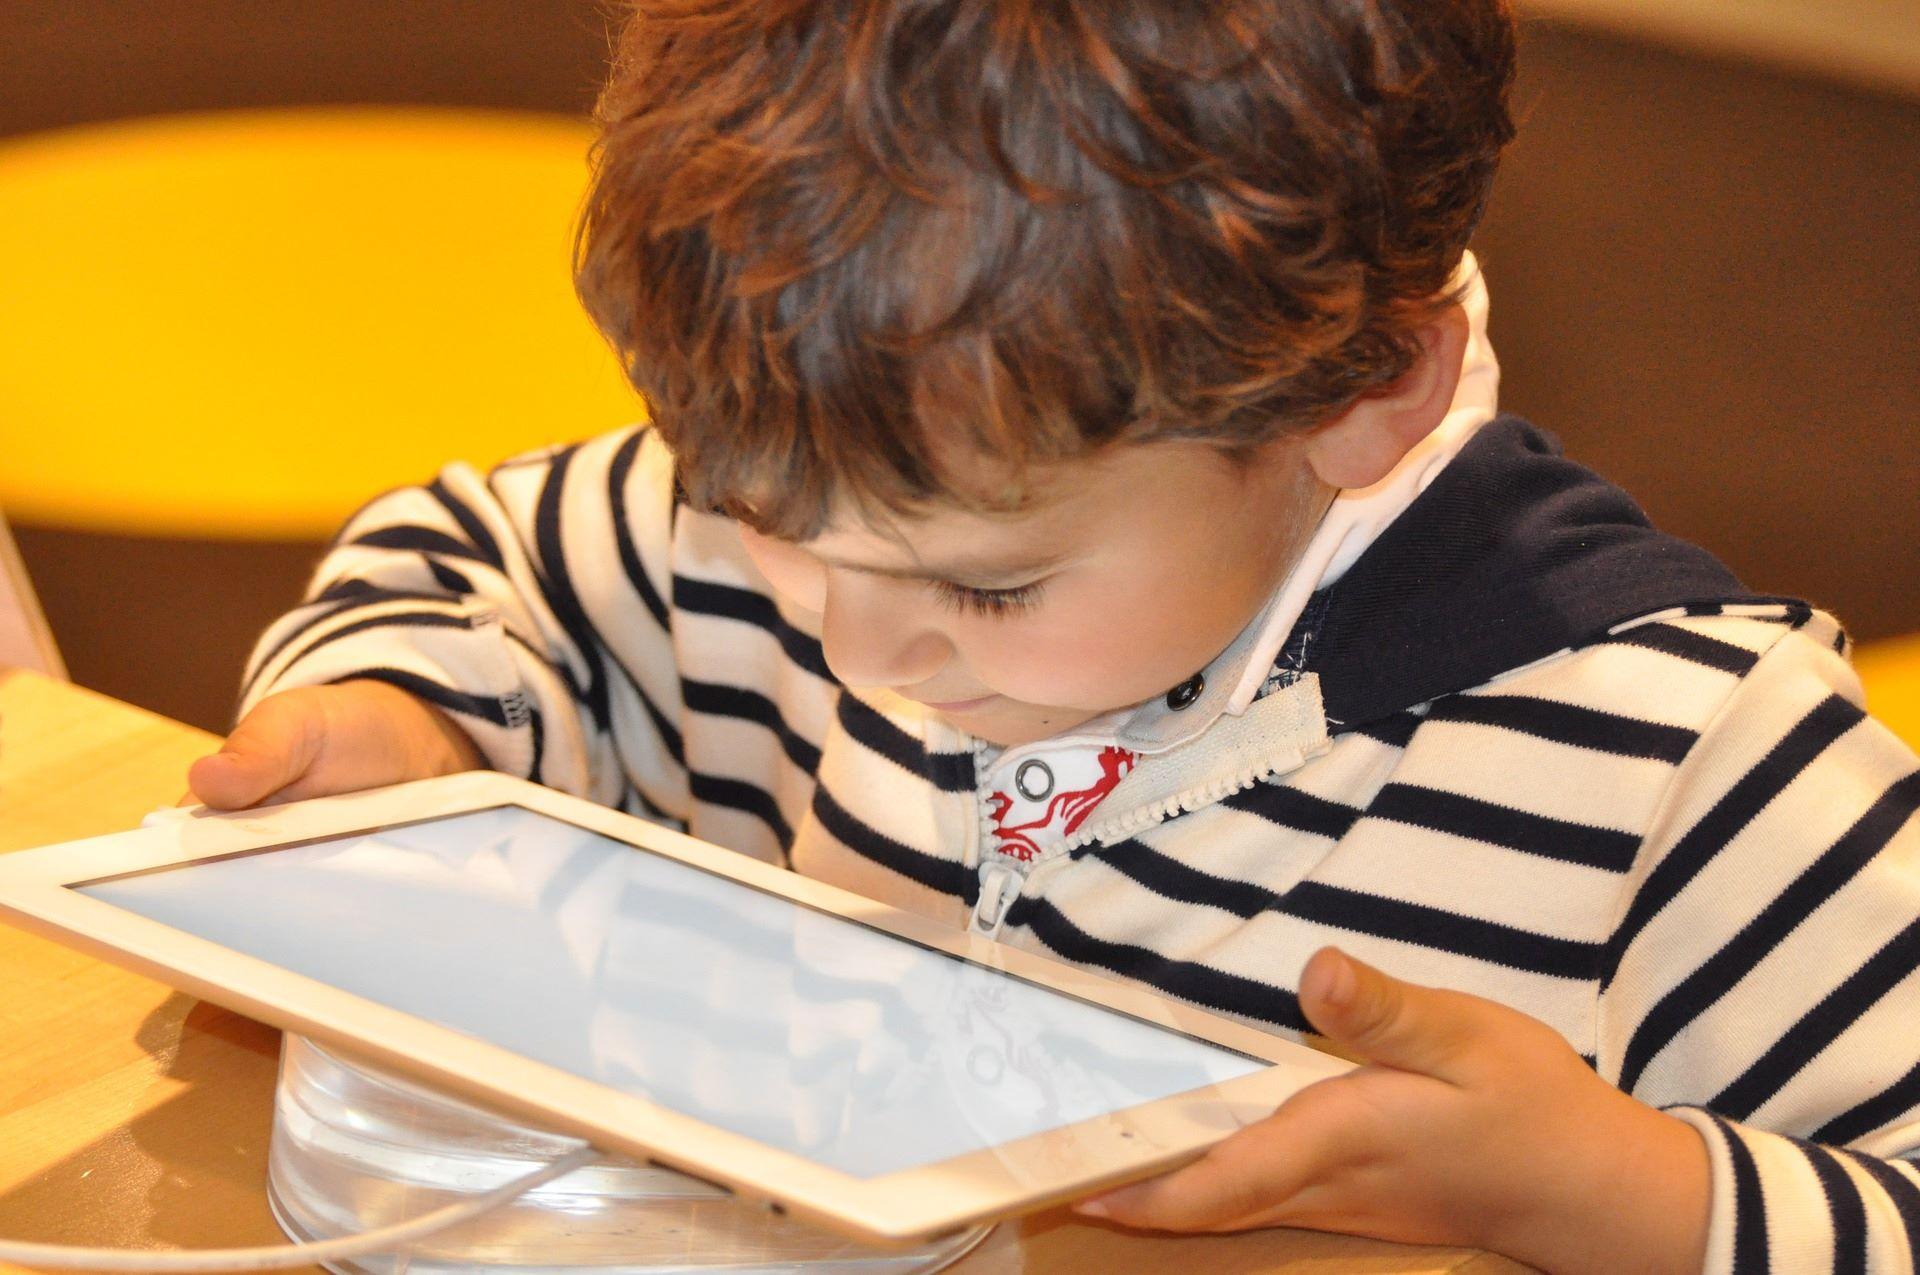 انقذي طفلك من خطر الأجهزة الألكترونية